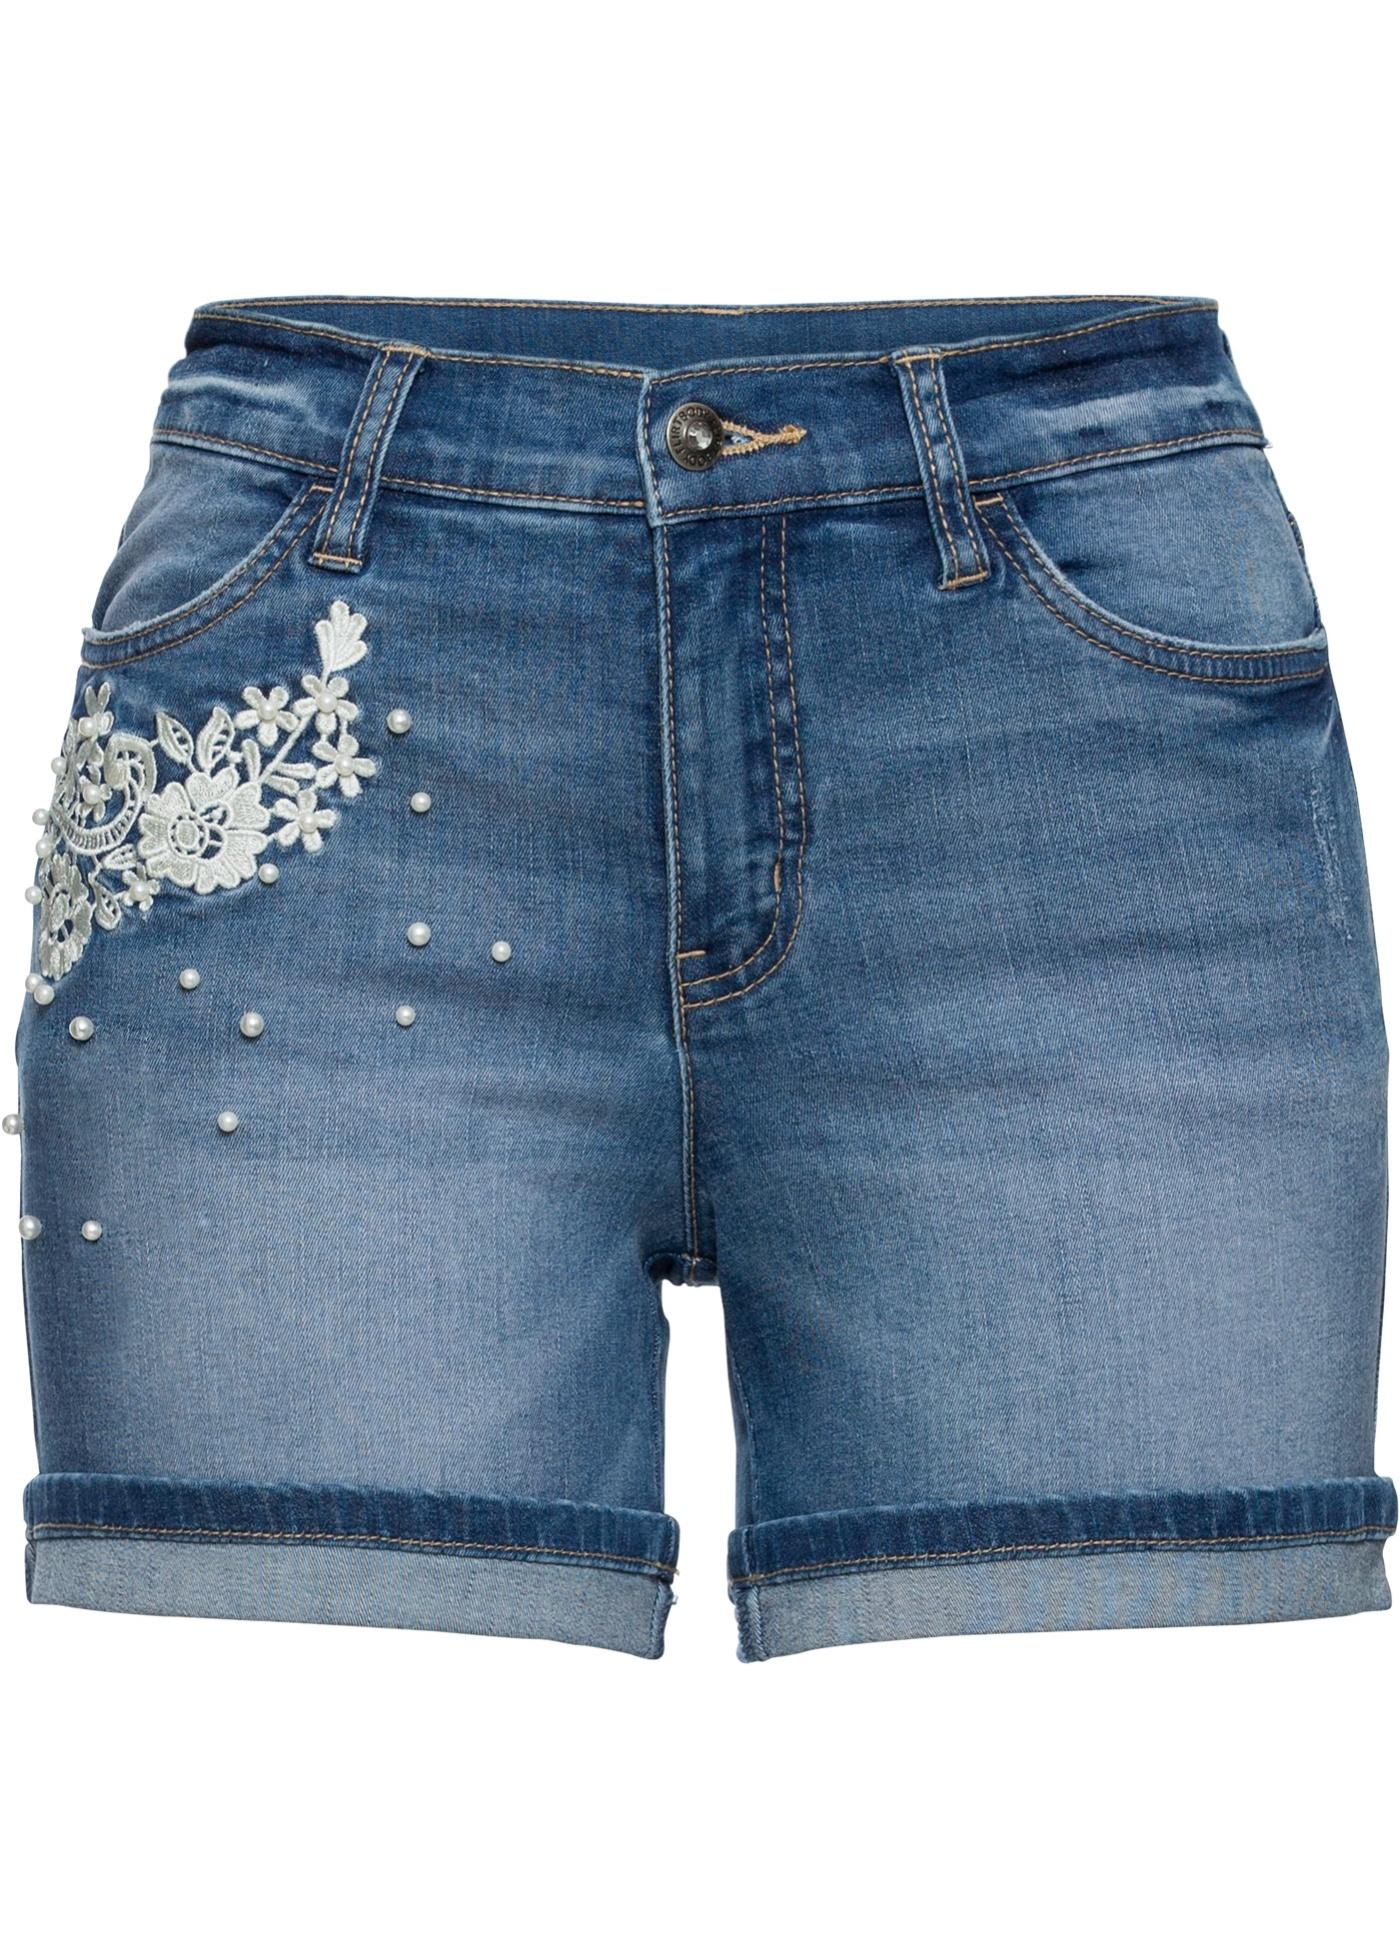 Jeans-Shorts mit Verzierung in blau für Damen von bonprix